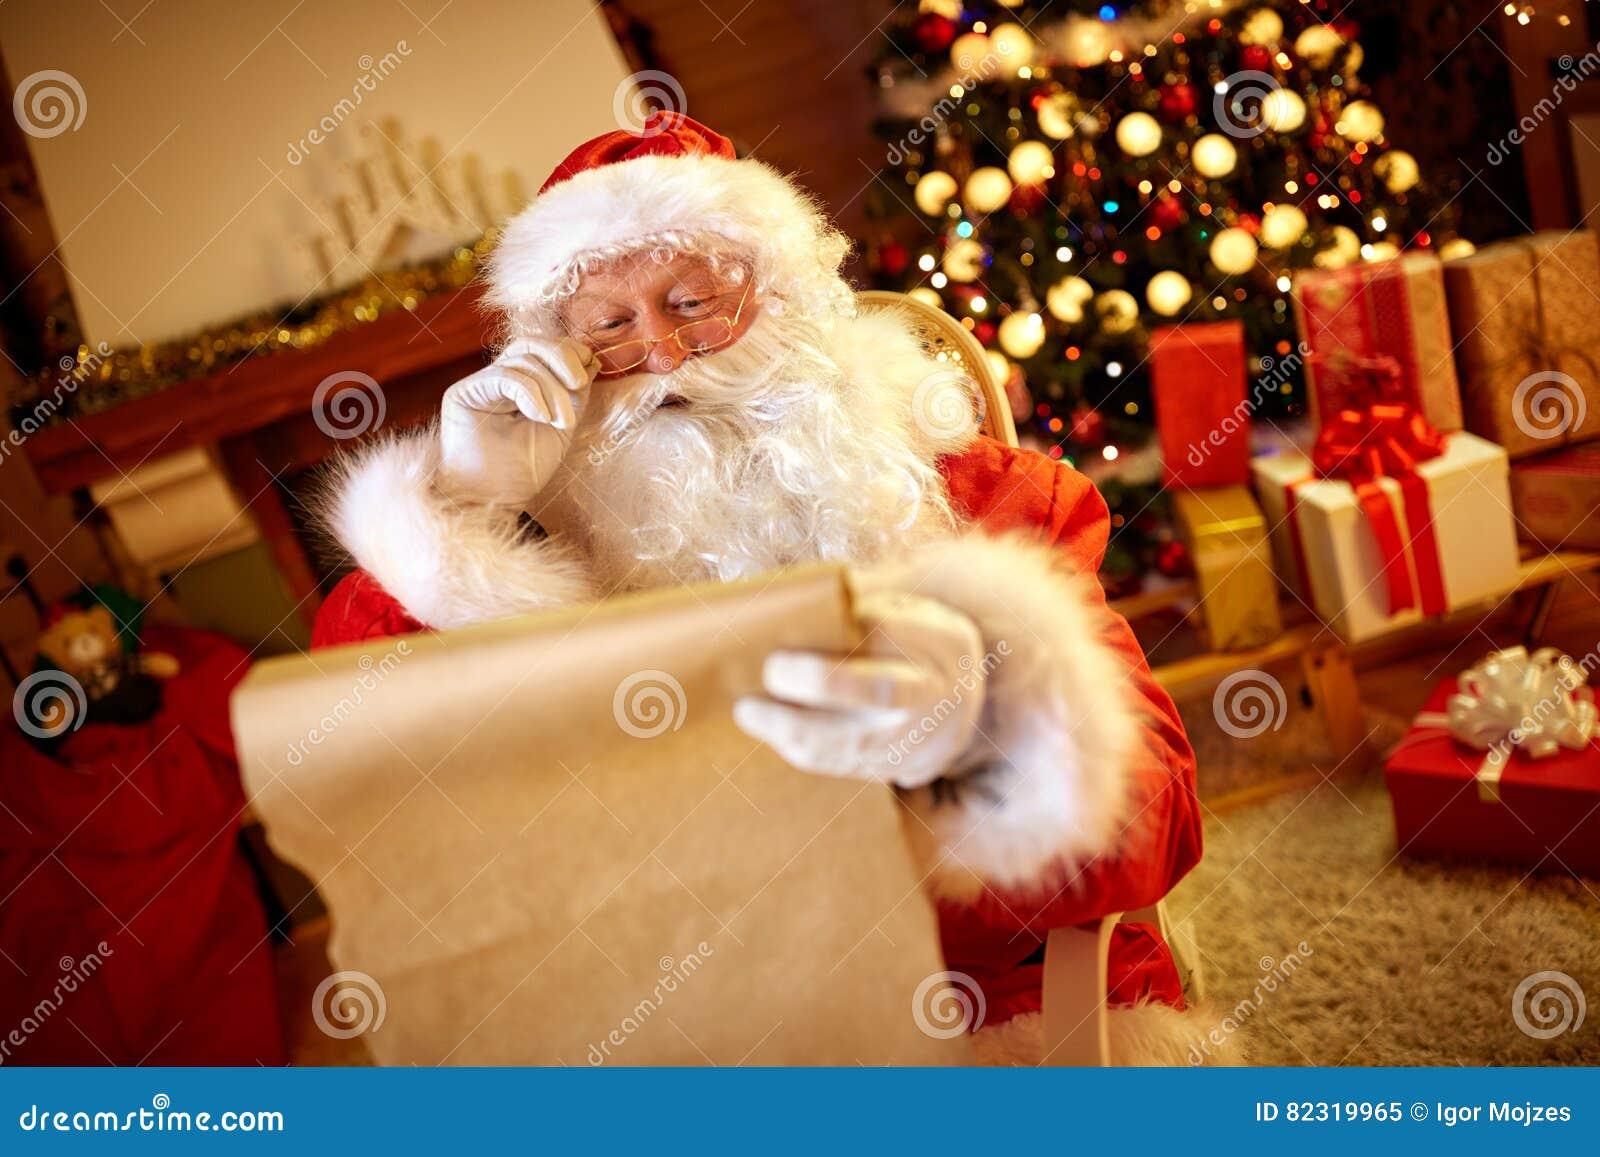 Άγιος Βασίλης που εξετάζει το μακρύ κατάλογο με την επιθυμία παιδιών